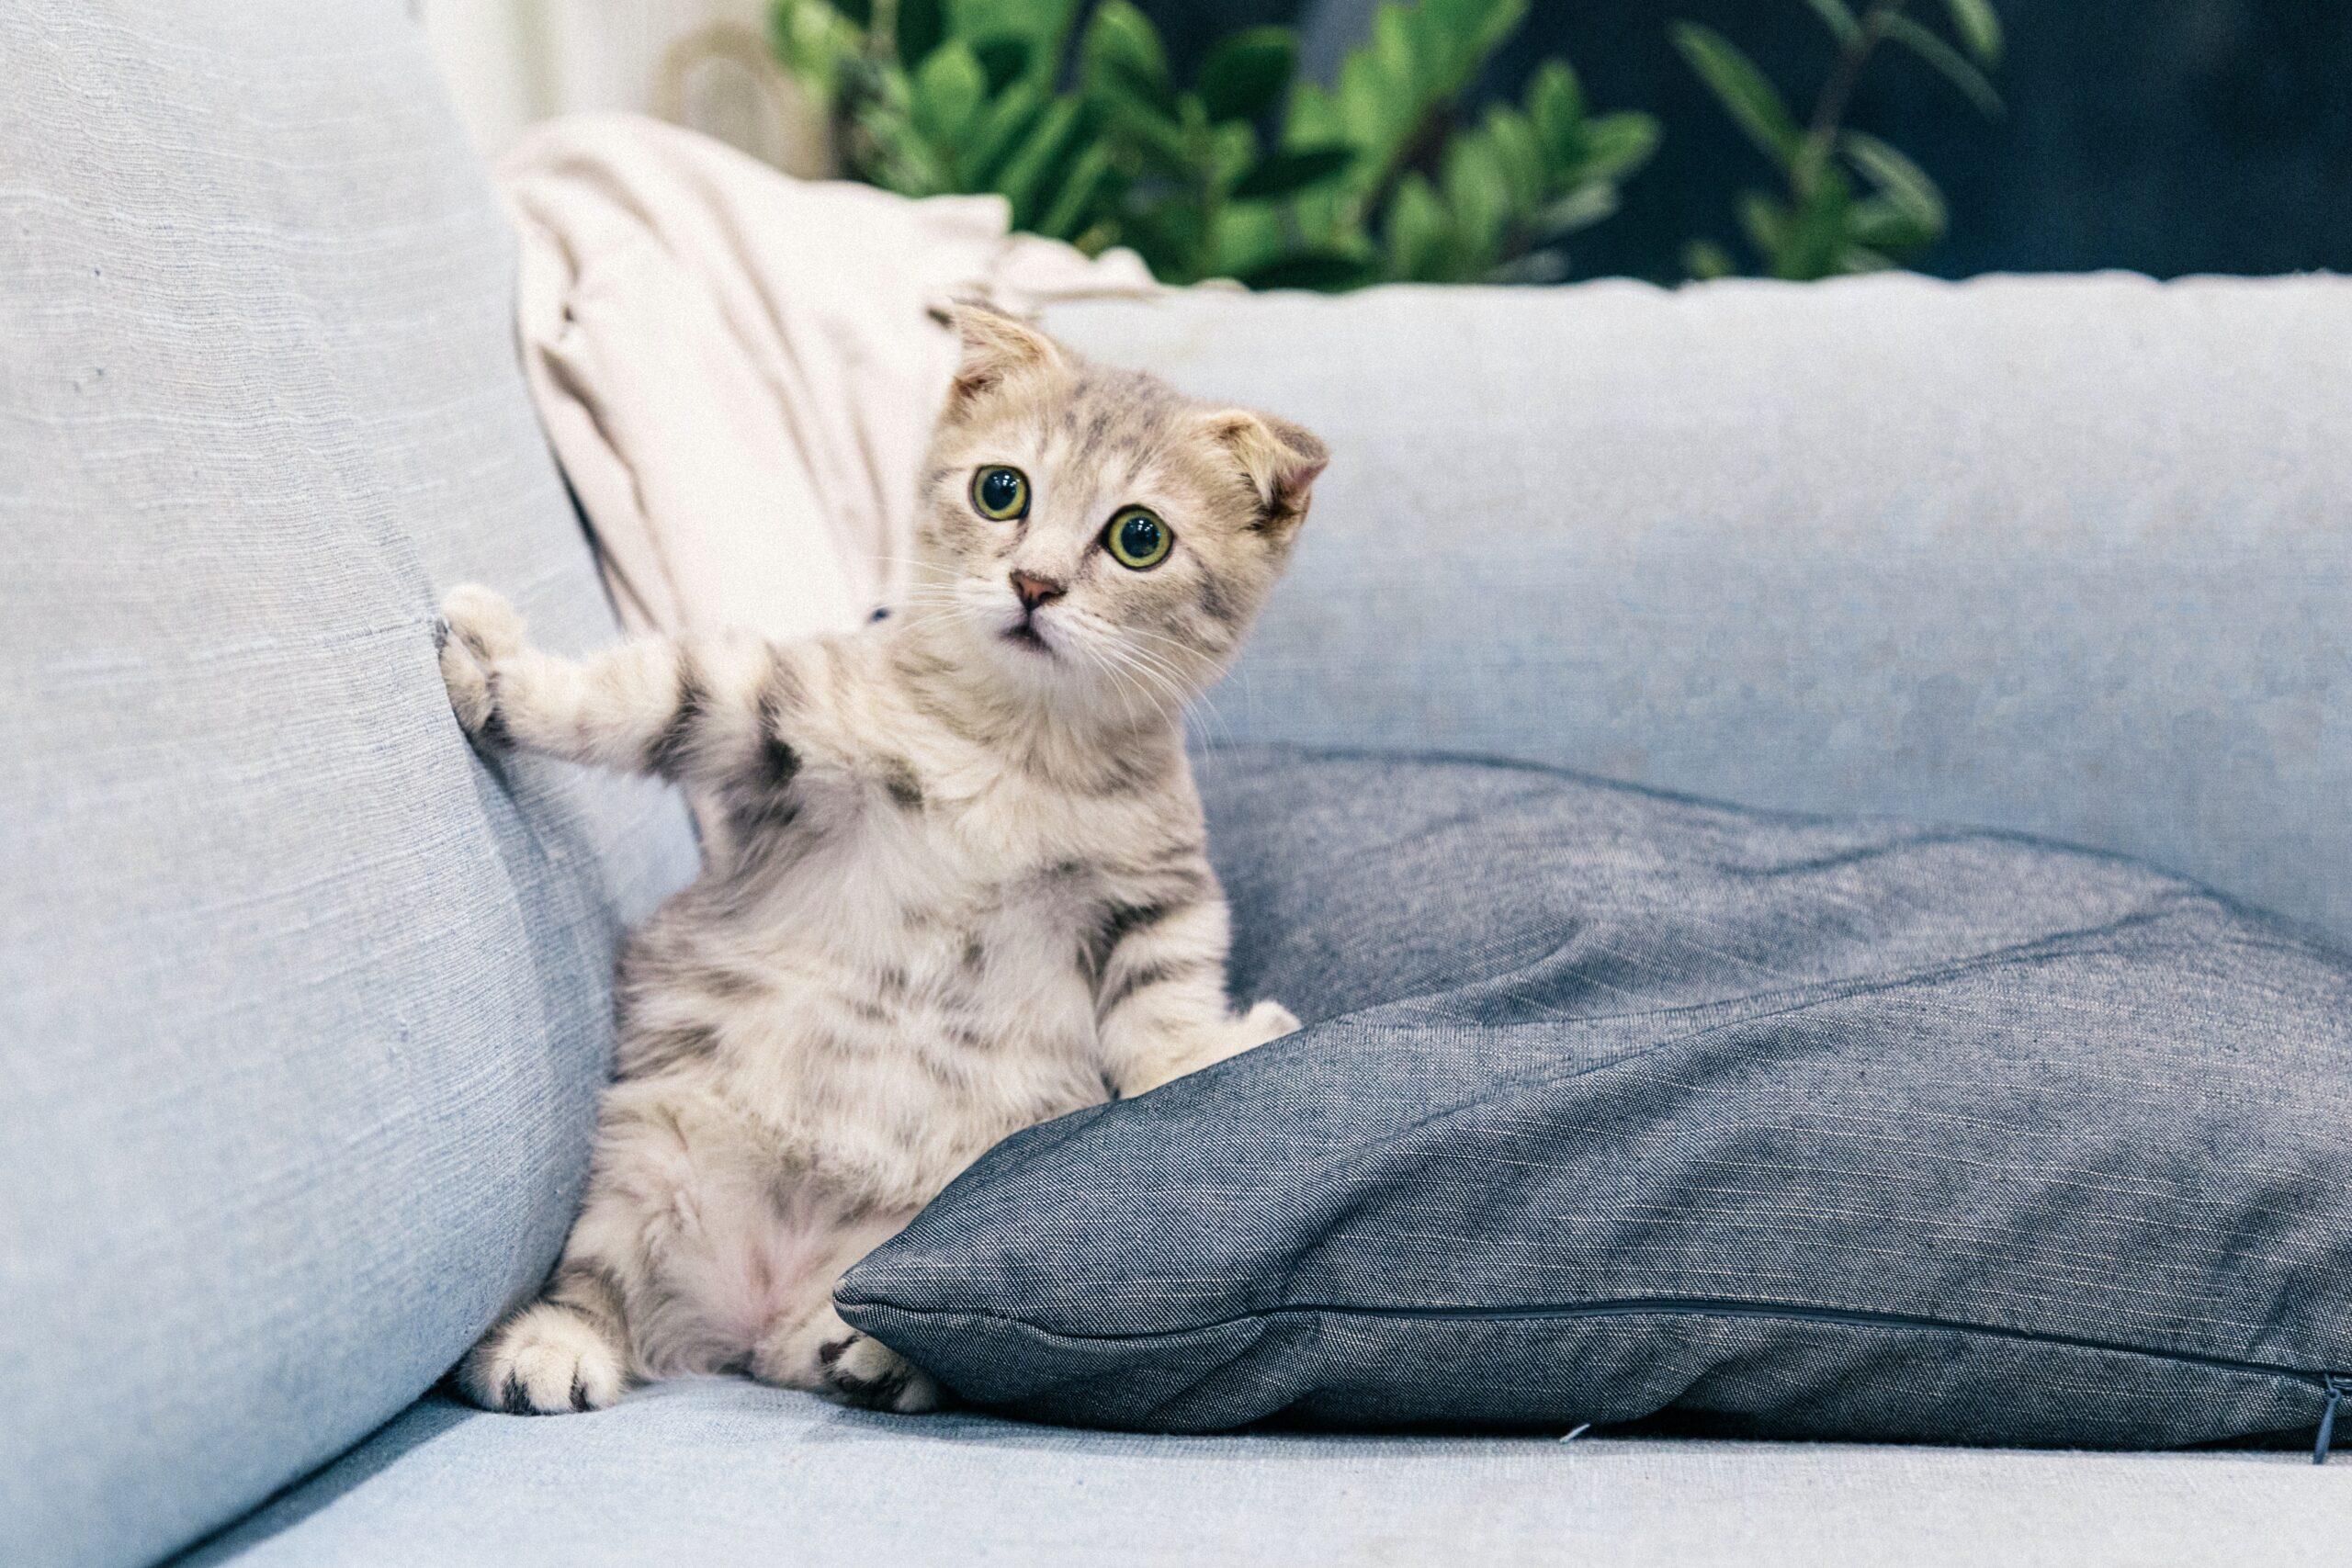 il gatto ha paura dell'aspirapolvere